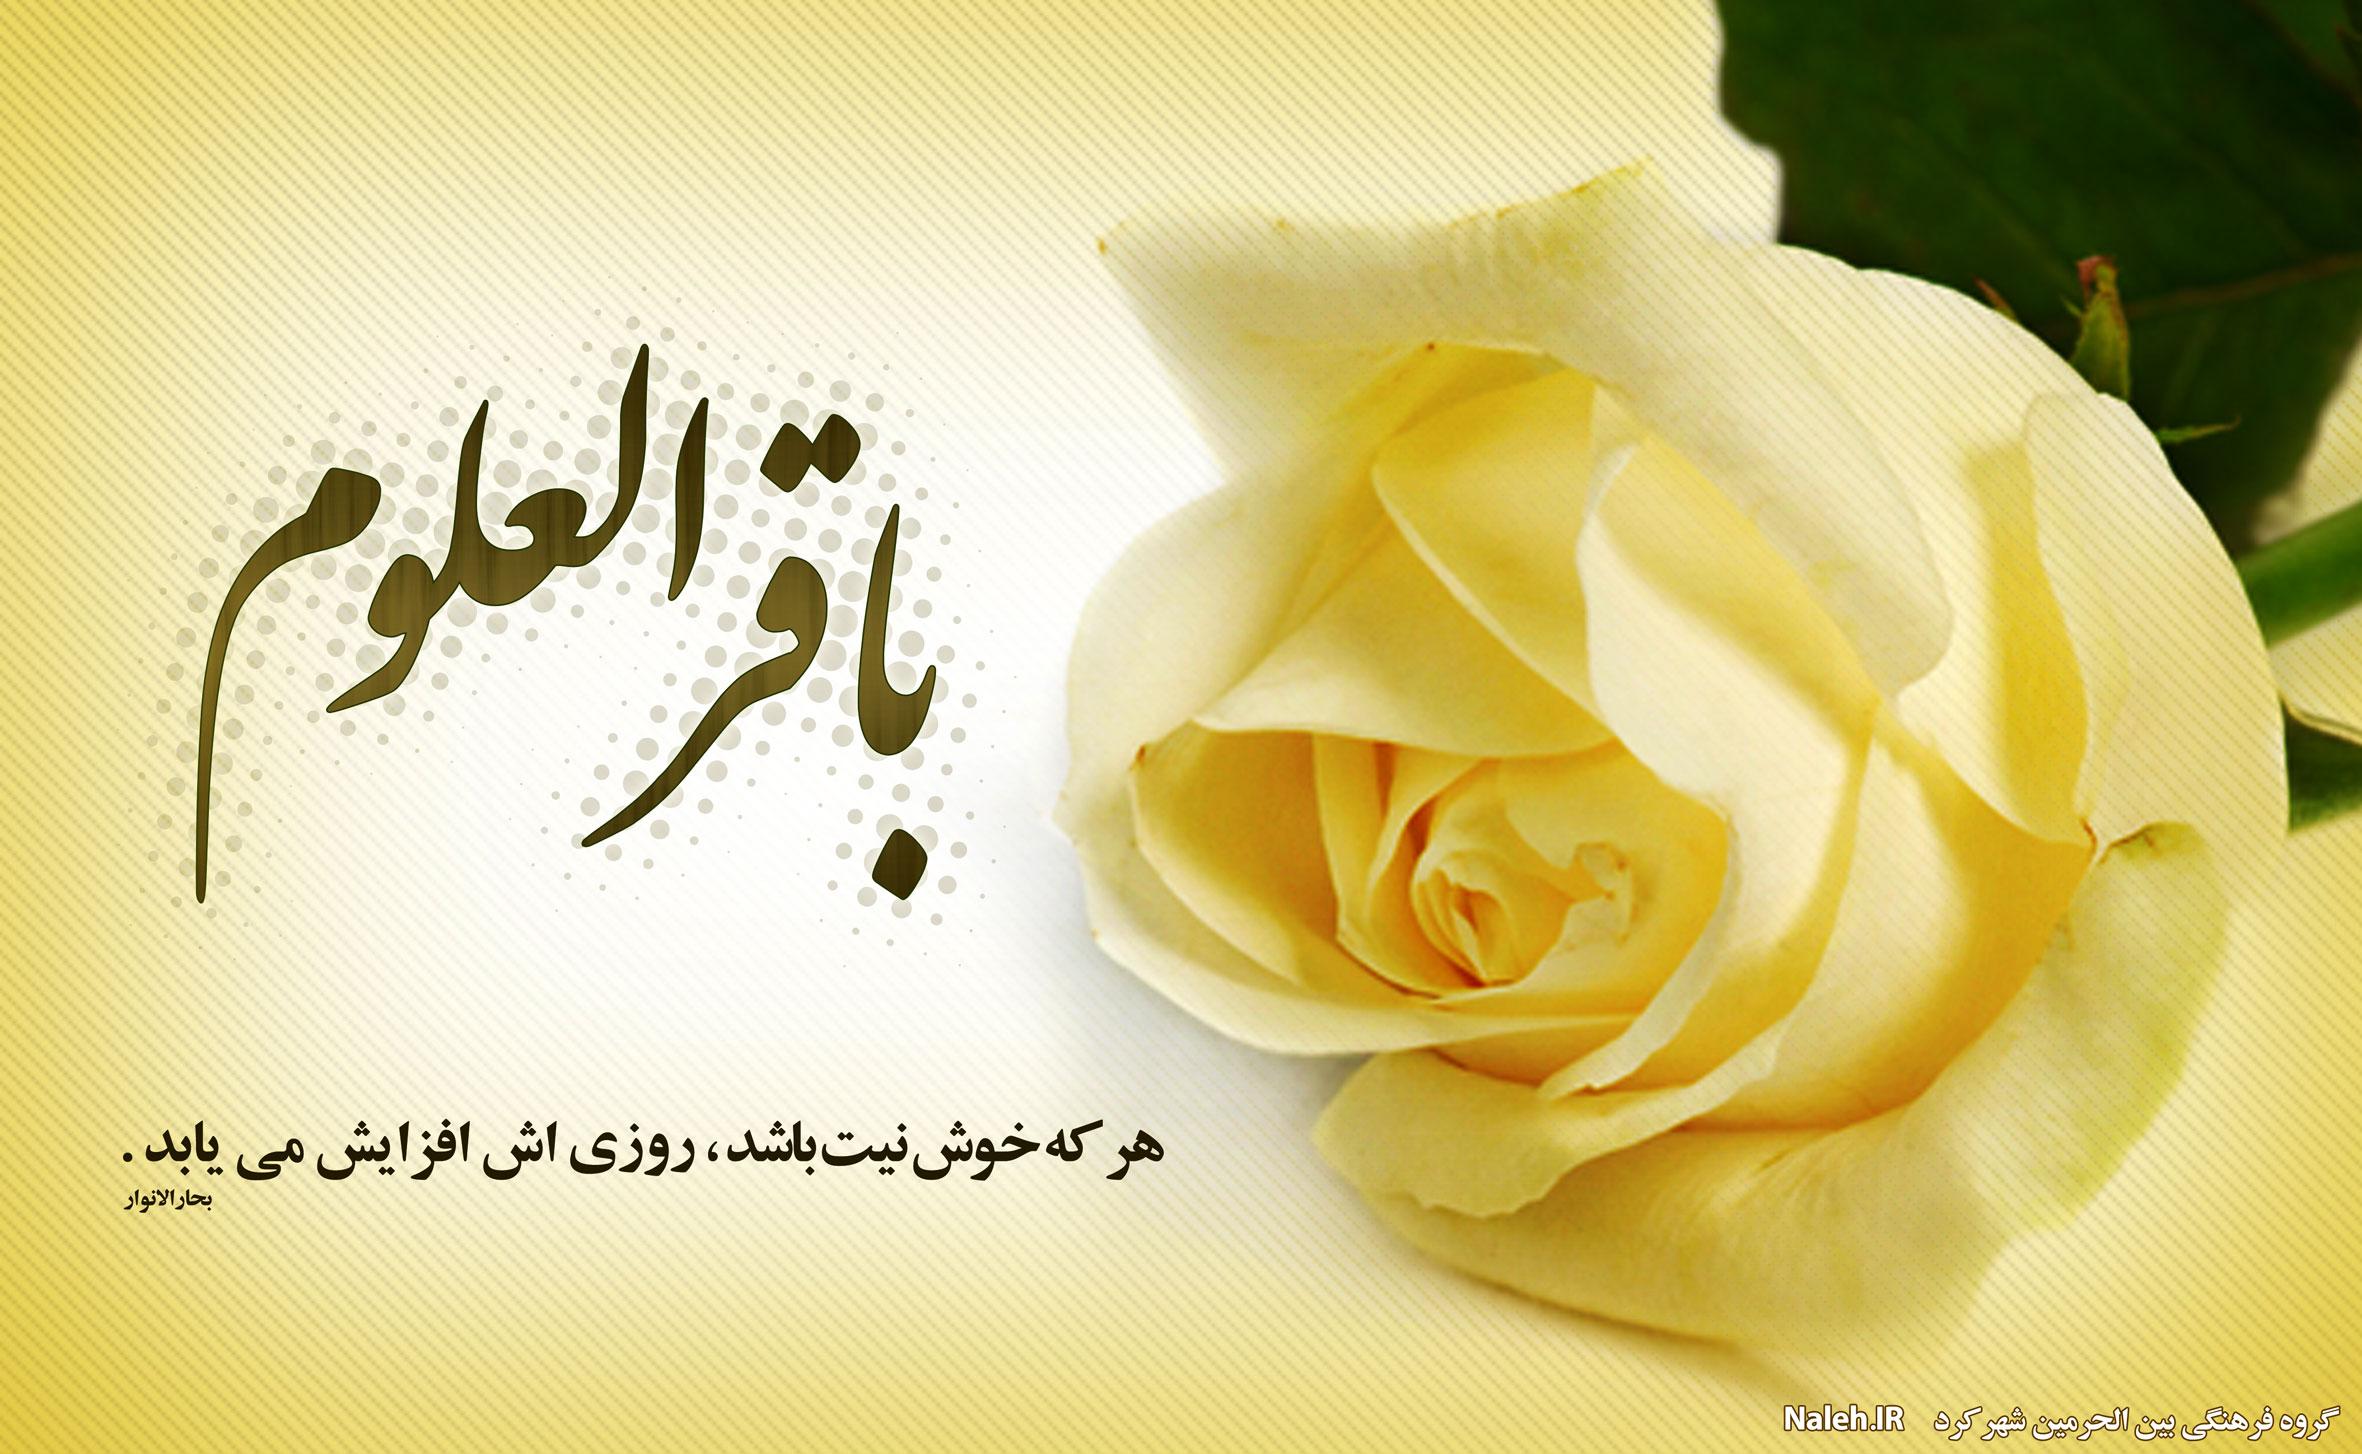 emam Bagher